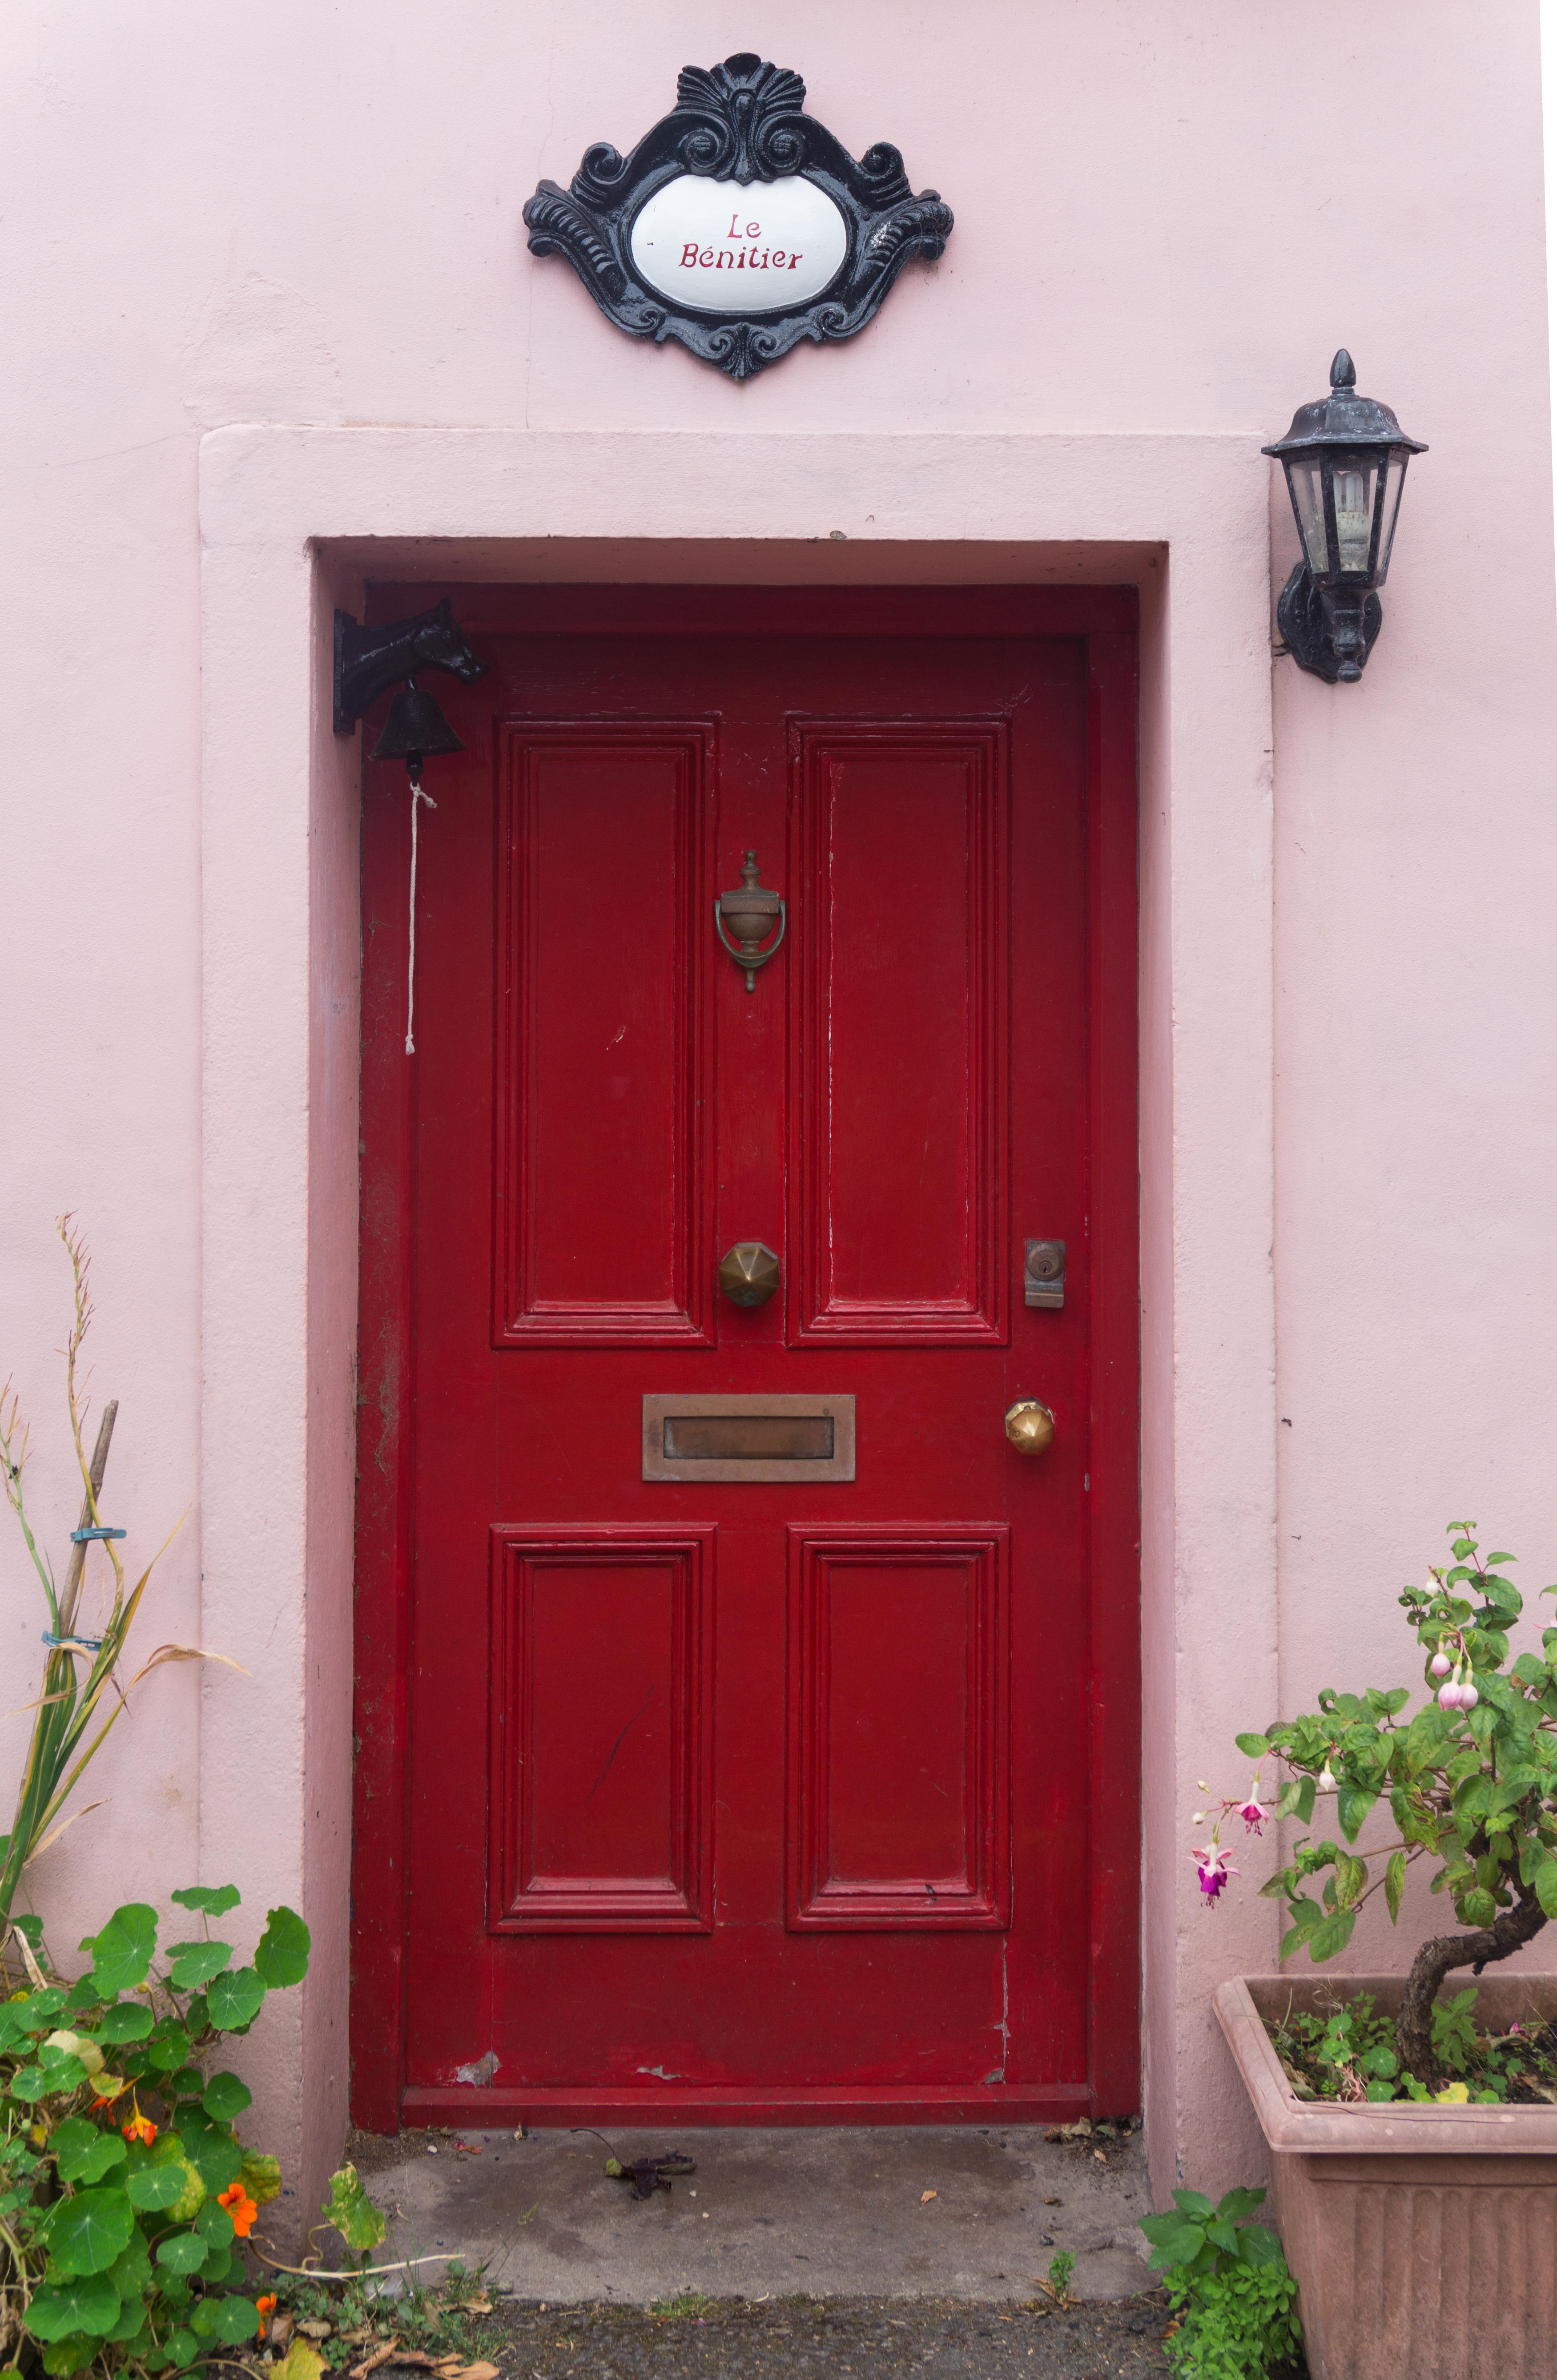 Original Red Wooden Door Doors Texturify Free Textures